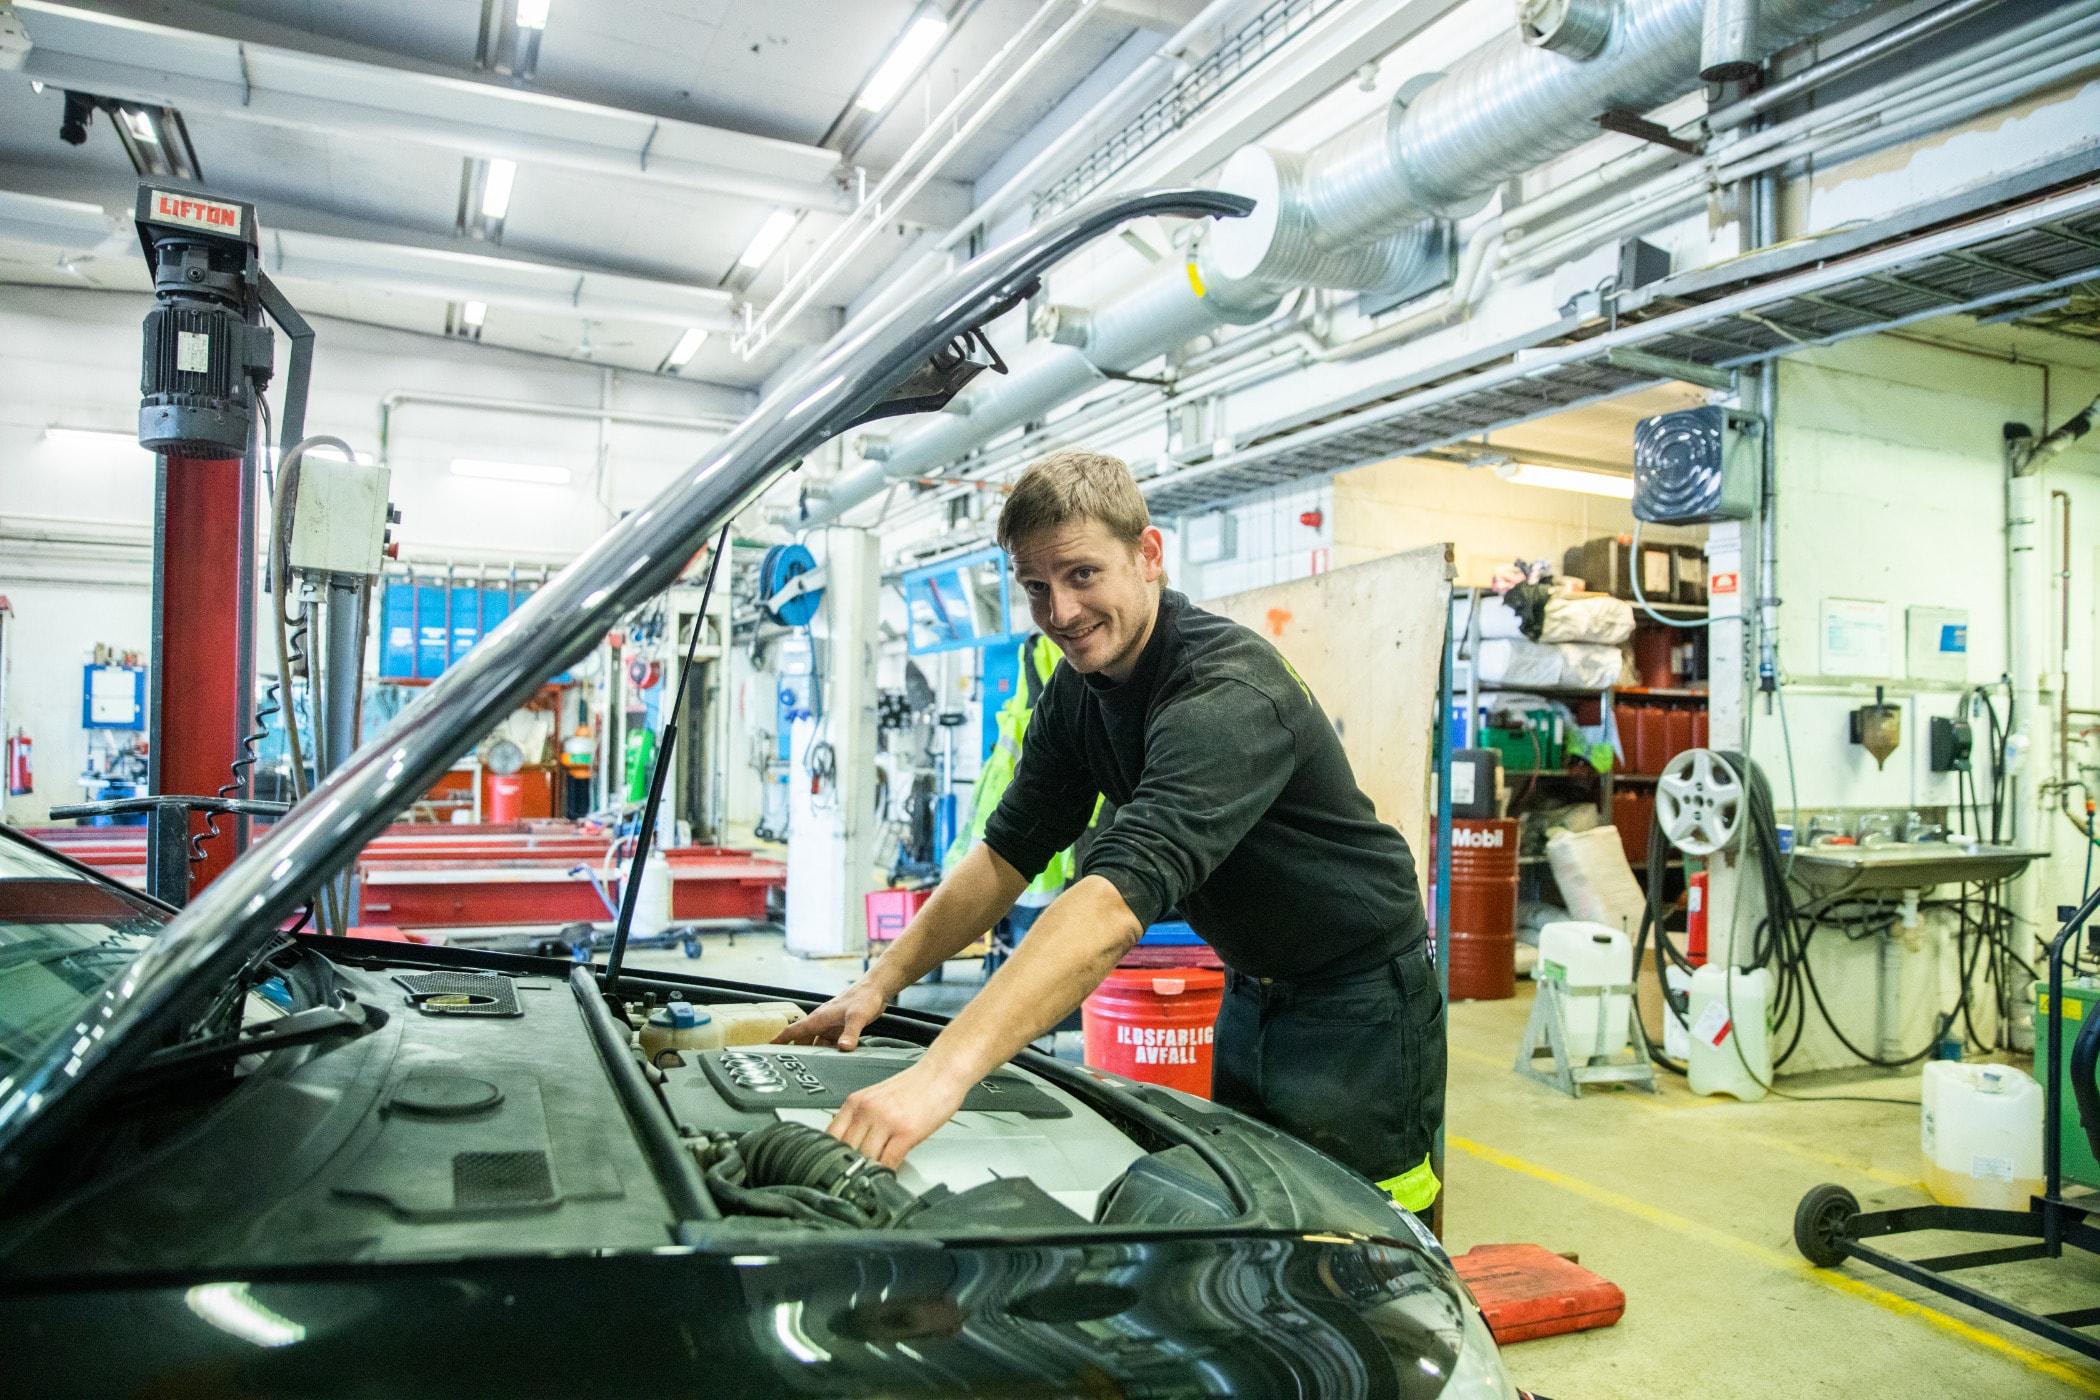 Automobile repair shop, Auto part, Automotive design, Motor vehicle, Mechanic